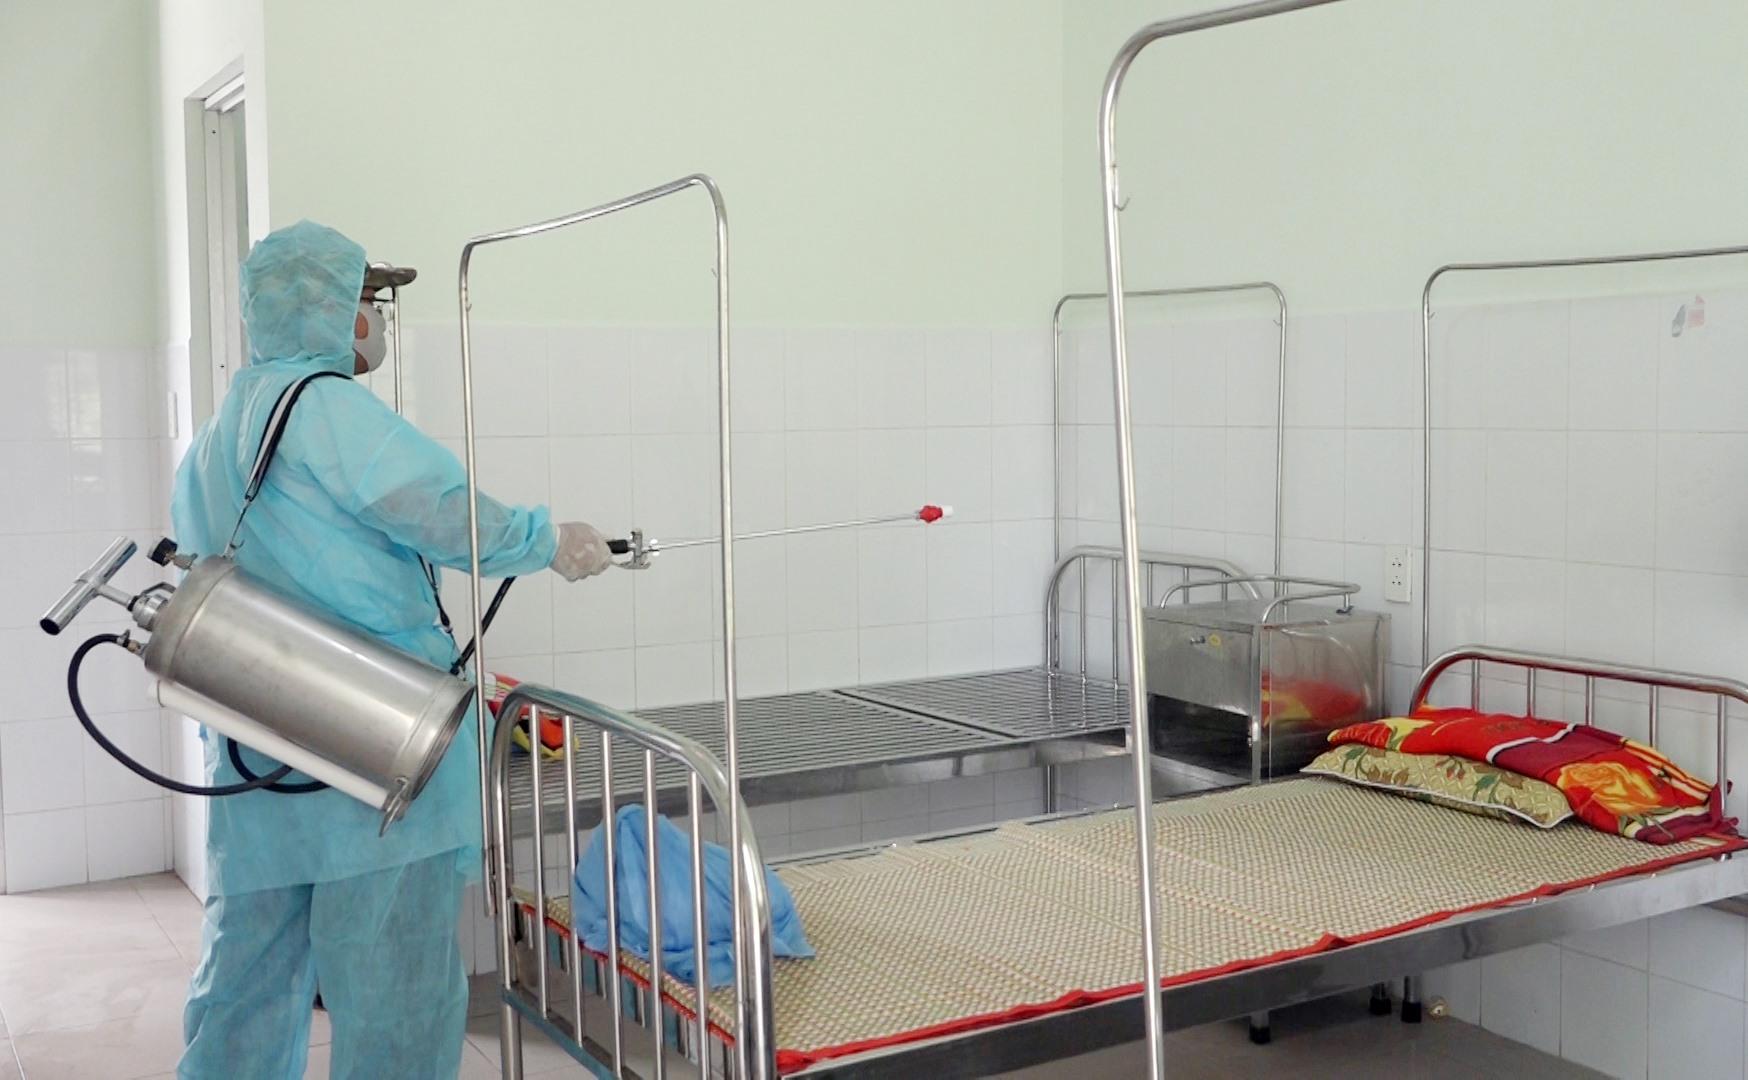 Huyện Thăng Bình thường xuyên phun thuốc tiêu độc khử trùng tại các khu vực công cộng, Trạm Y tế xã, thị trấn.